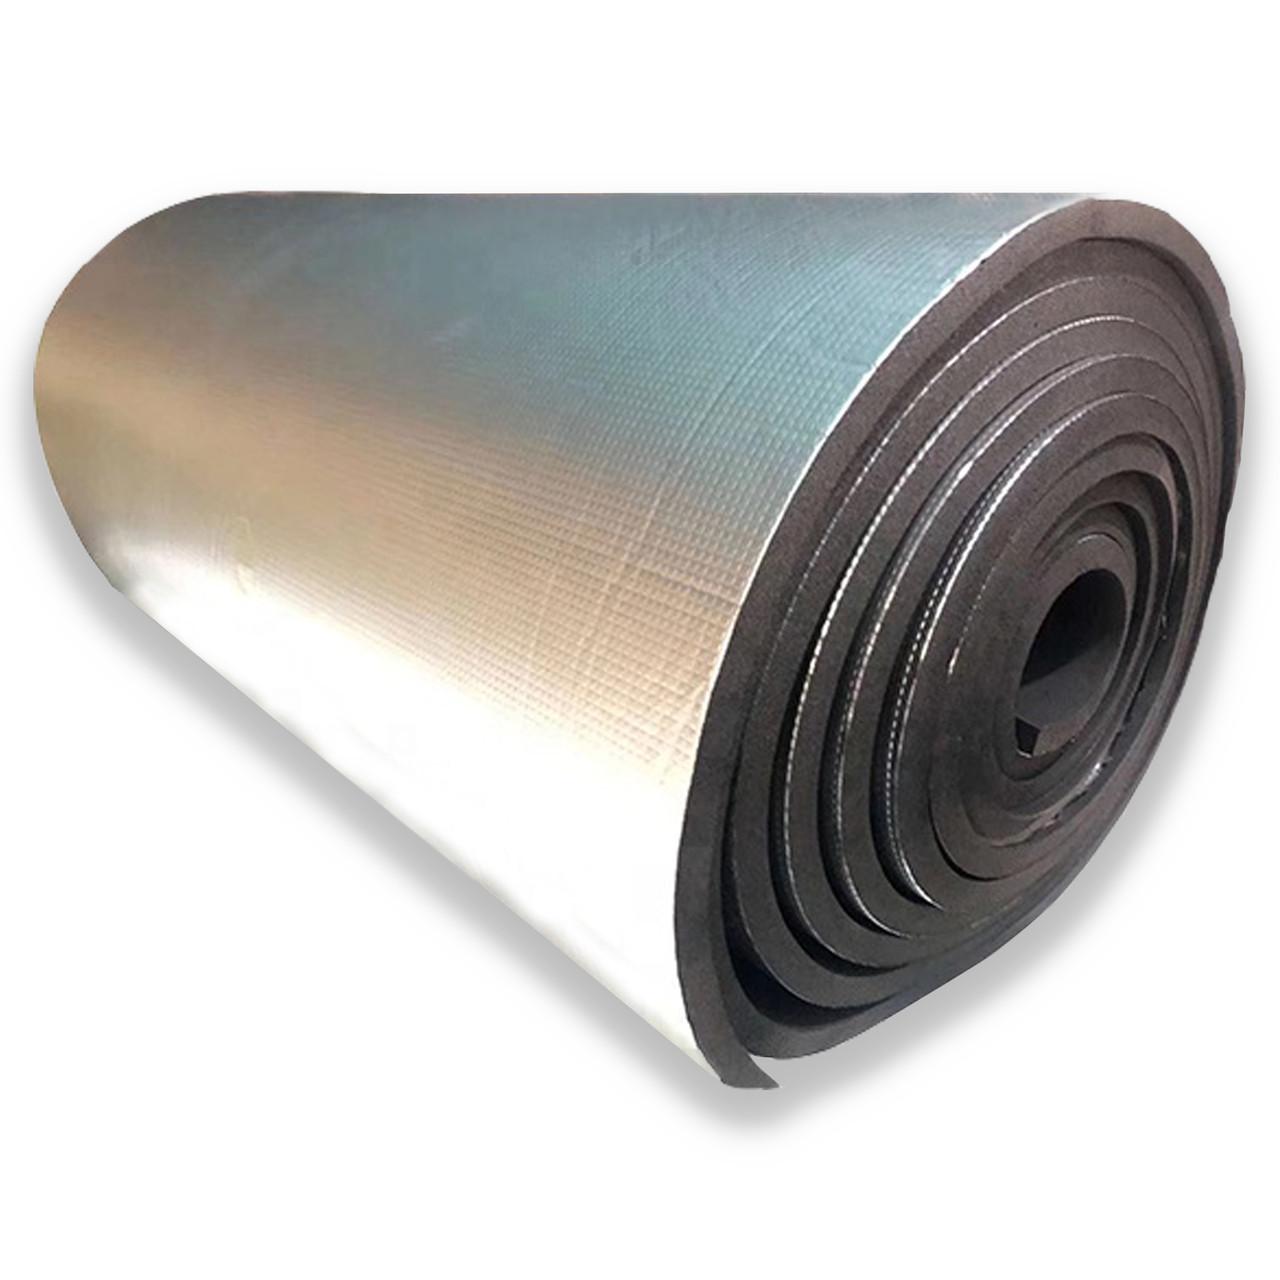 Вспененный каучук 25 мм фольгированный (утеплитель, шумоизоляция)